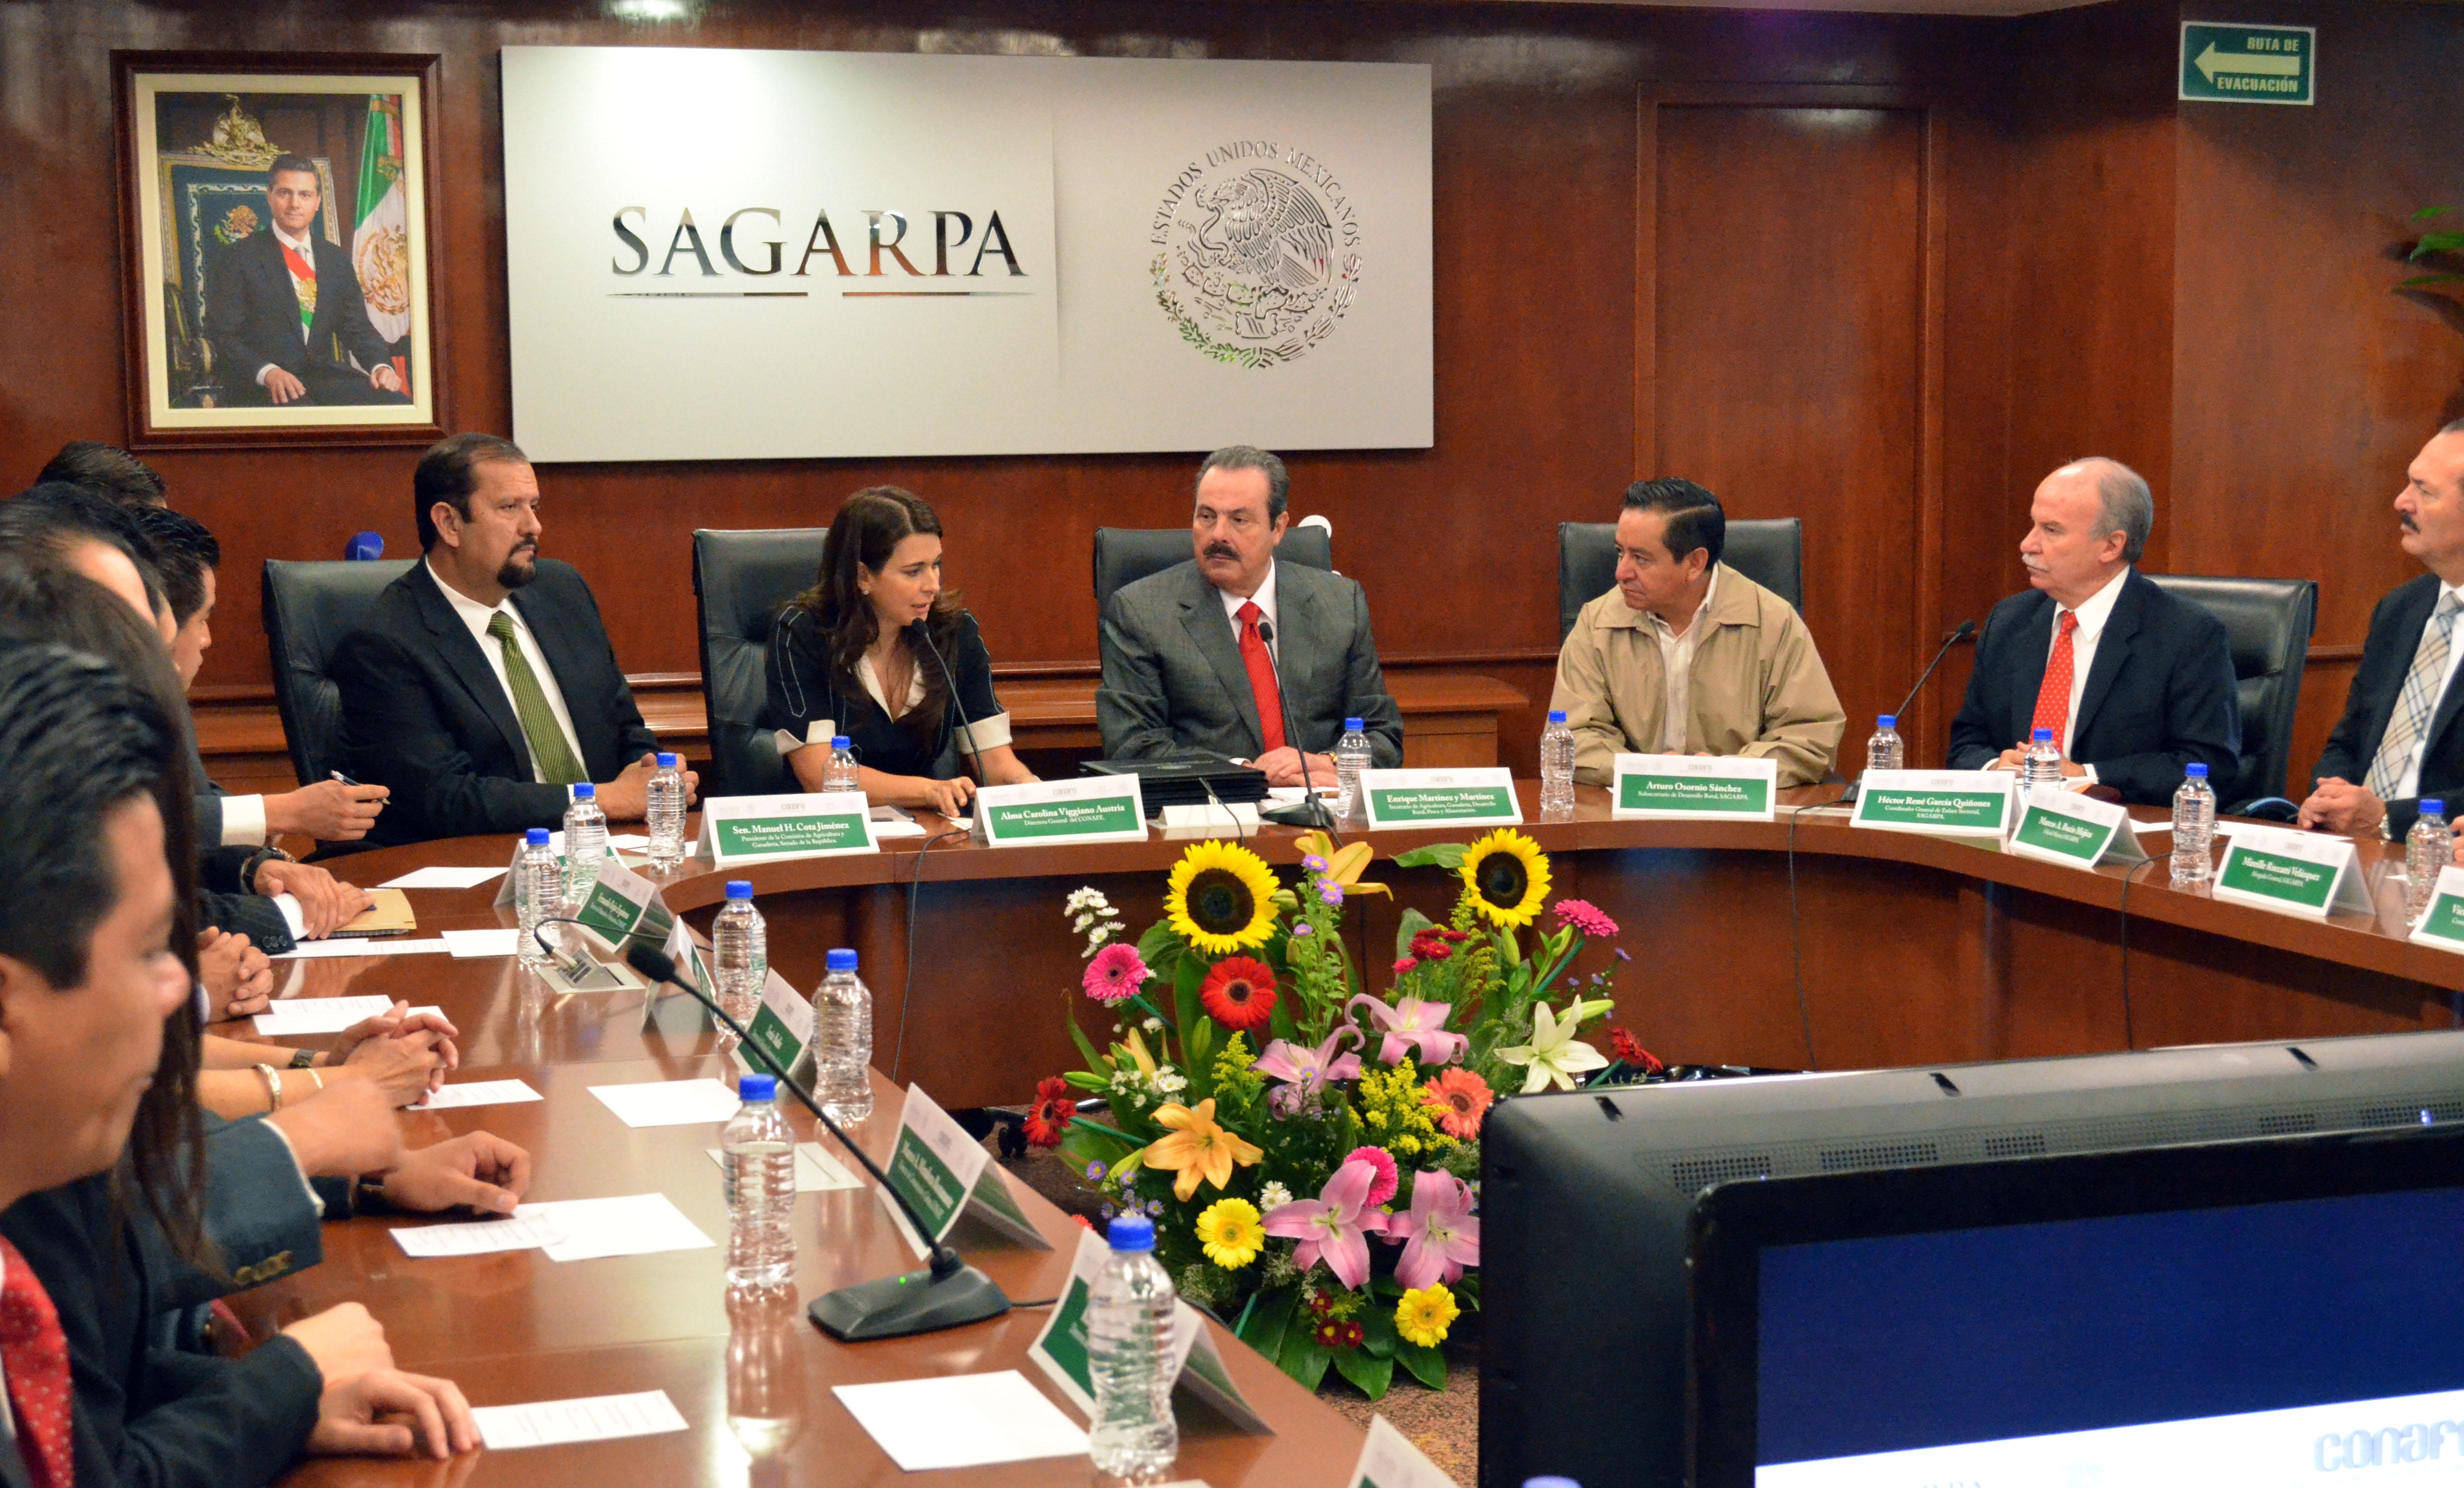 En una primera etapa se crearán huertos escolares en 252 comunidades de alta marginación de los estados de Chiapas, Guerrero, Hidalgo y Oaxaca.